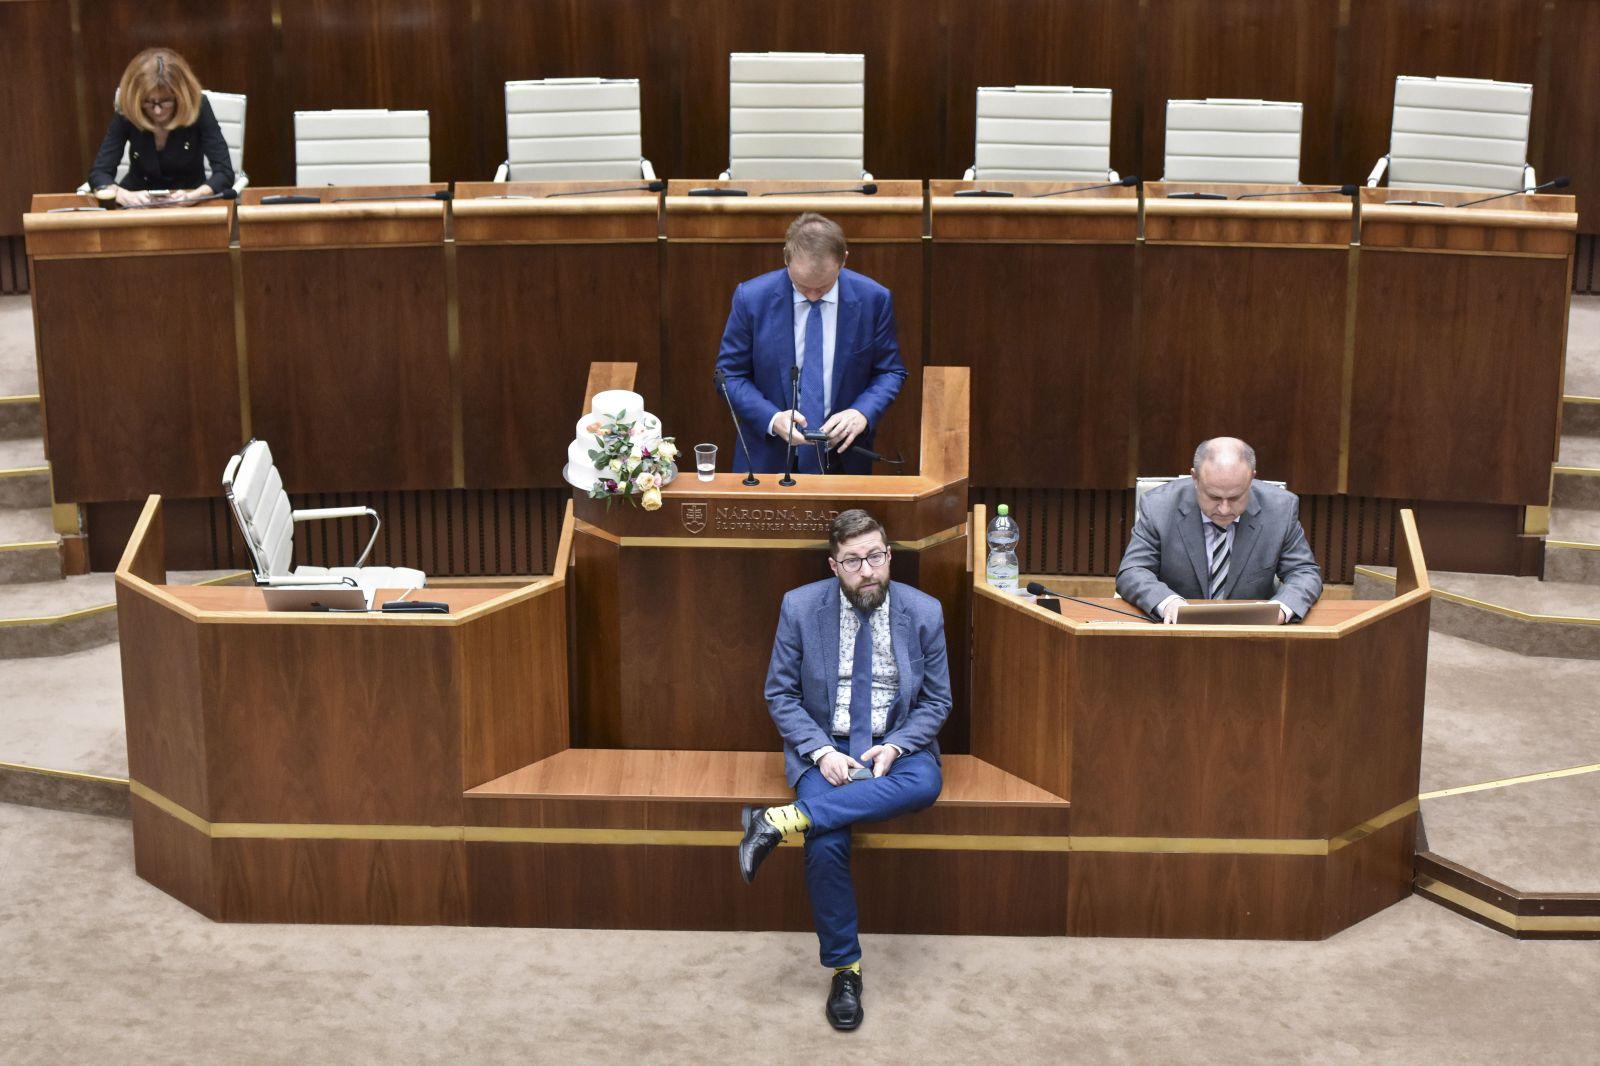 Andrej Danko priznal, že nemá možnosť dať vyviesť opozičných poslancov s tortou od rečnického pultu ochrankou. Schôdzu prerušil